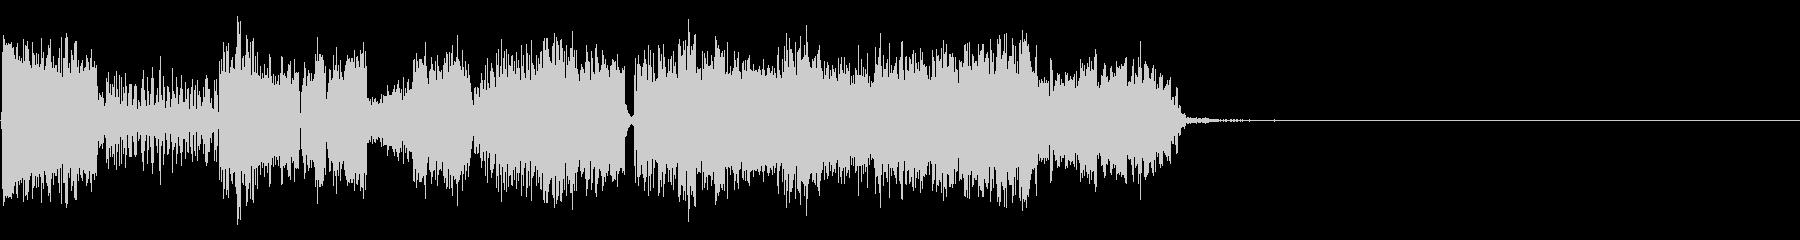 大きな静的なビープ音の未再生の波形